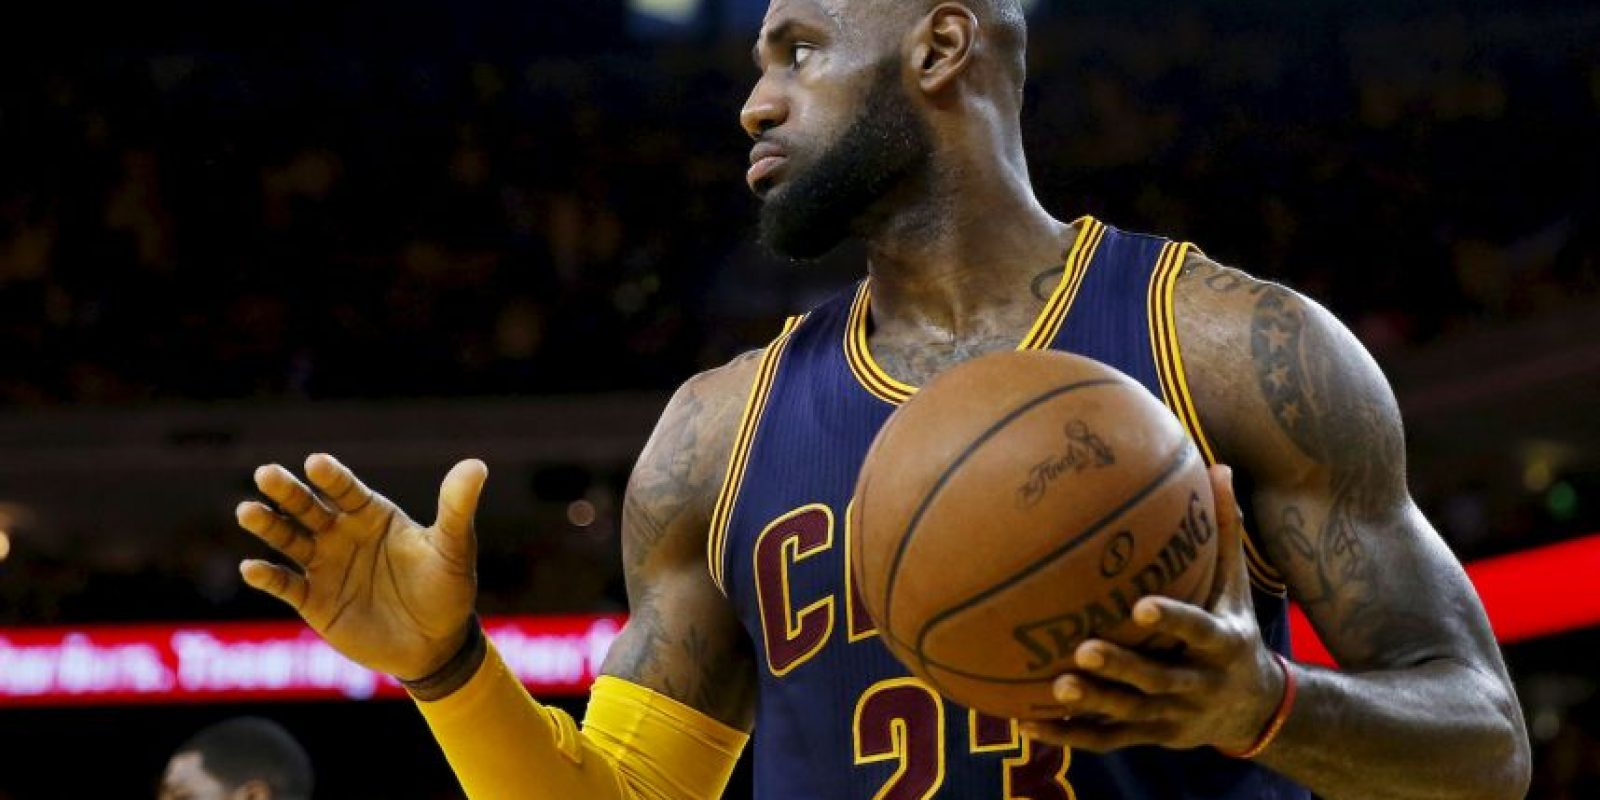 """Y es que """"King"""" James es considerado el mejor jugador en la actualidad, y muchos incluso lo ponen por encima de leyendas como Michael Jordan. Foto:Getty Images"""